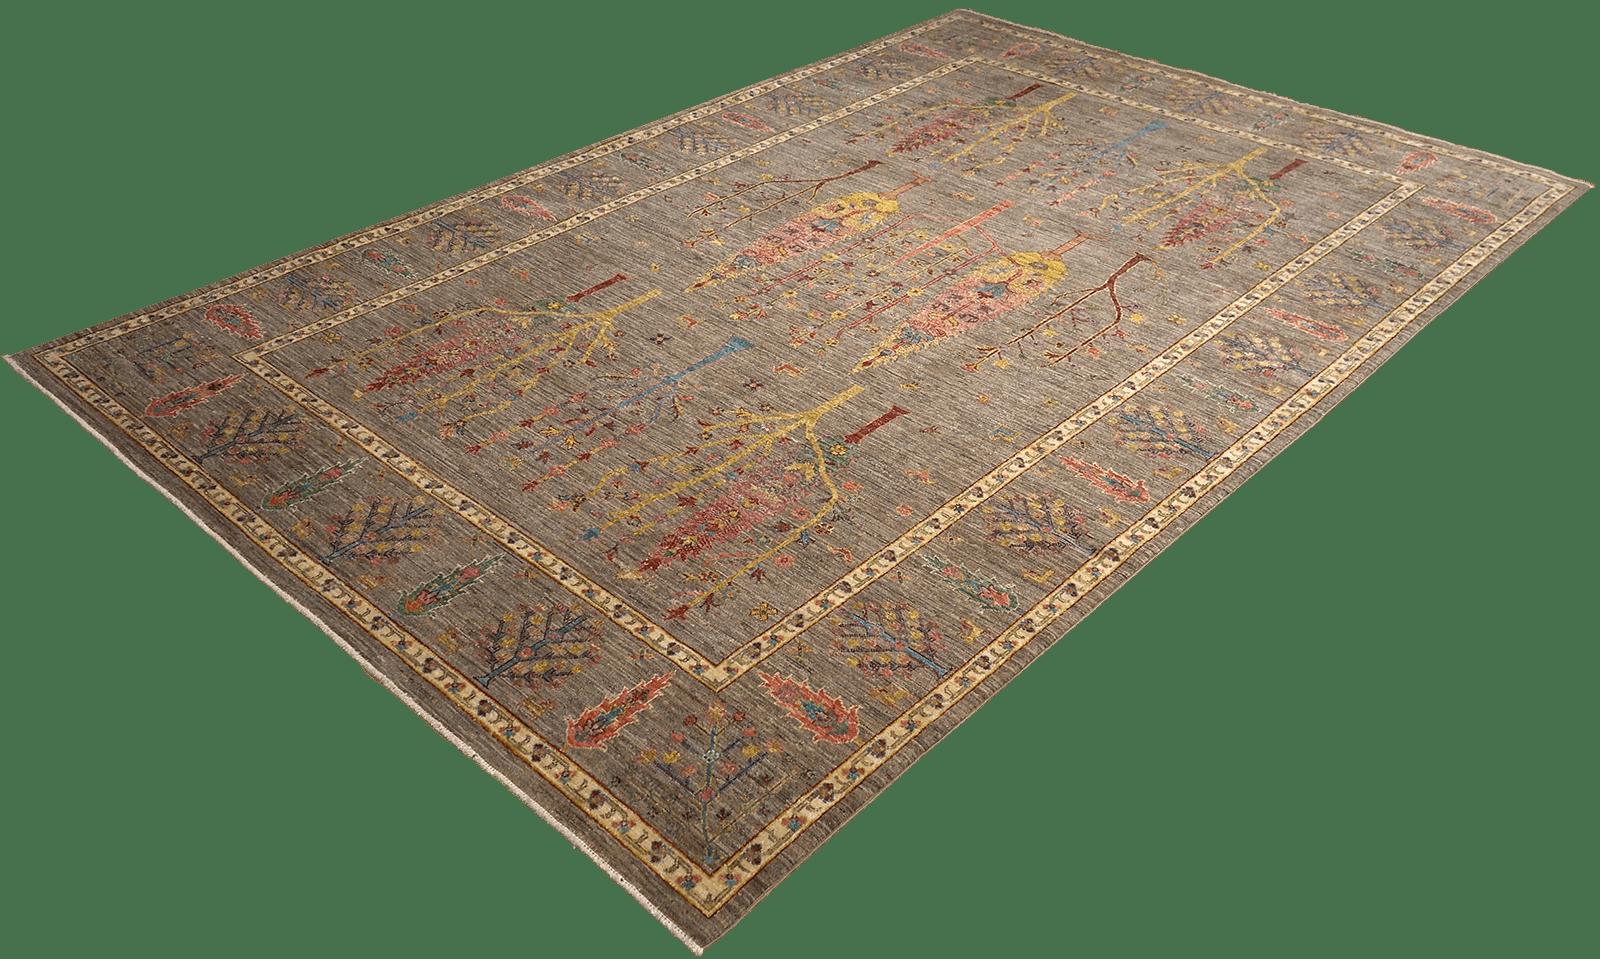 arbor-ars-ancient-sand-tapijt-oosterse-perzische-exclusieve-tapijten-luxe-vloerkleden-koreman-maastricht